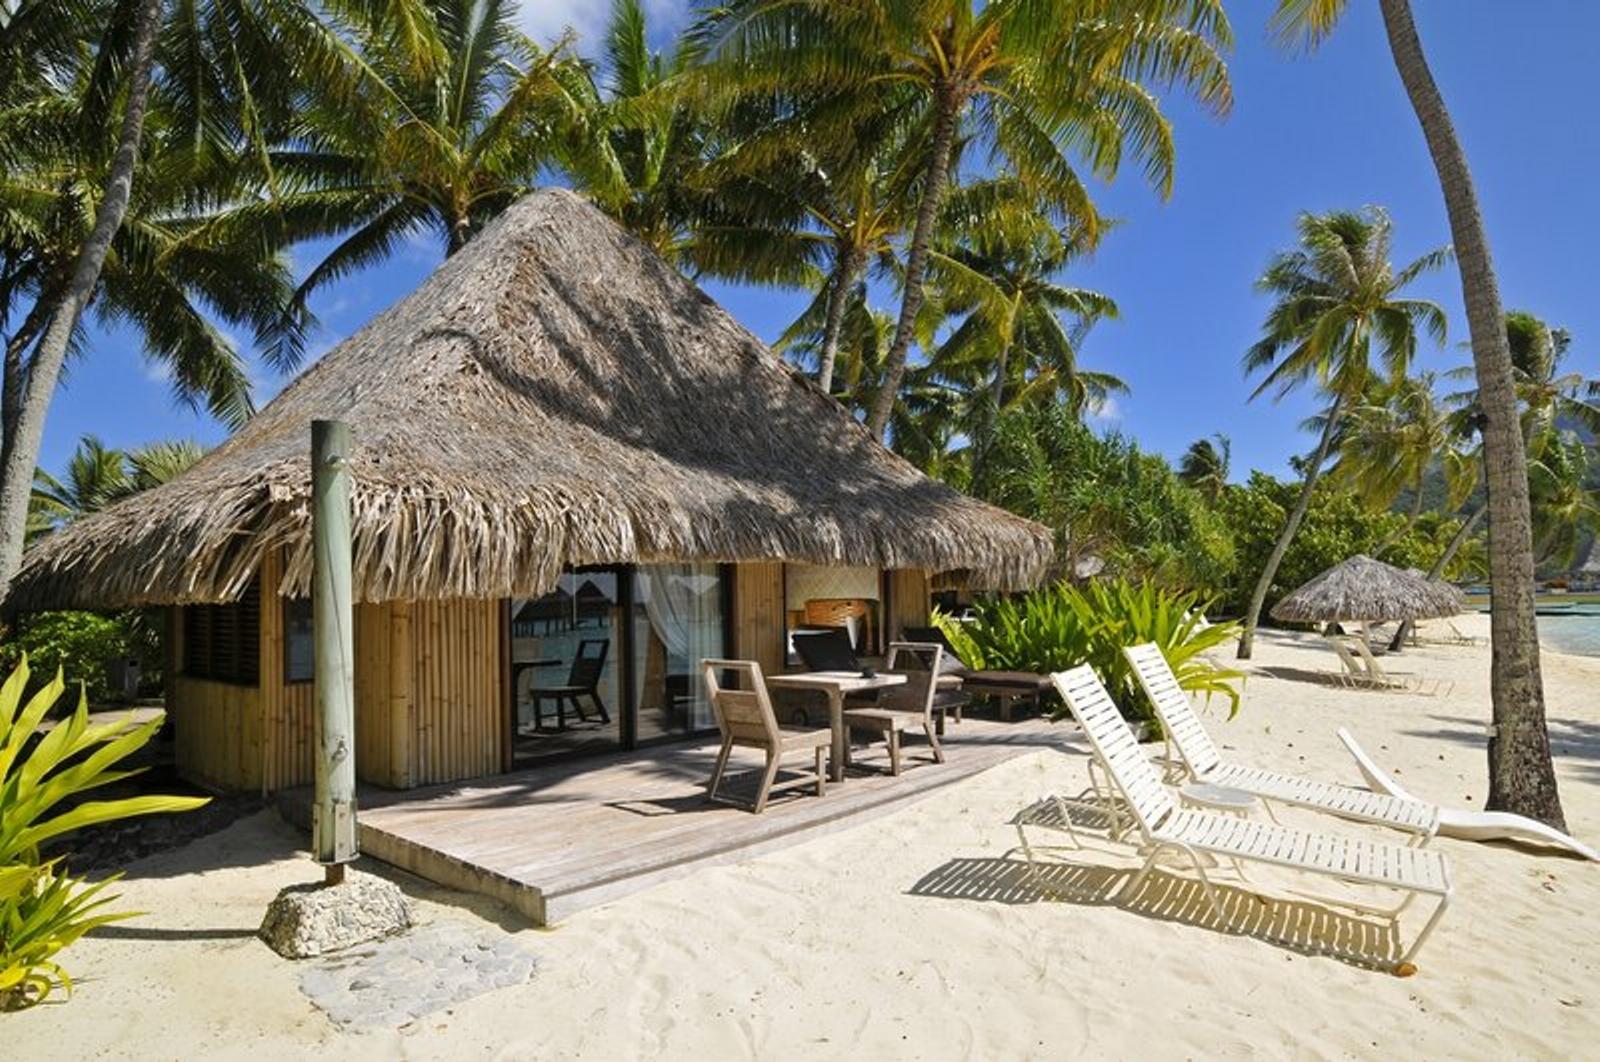 Hotels intercontinental bora bora le moana resort for Fantastici disegni di bungalow